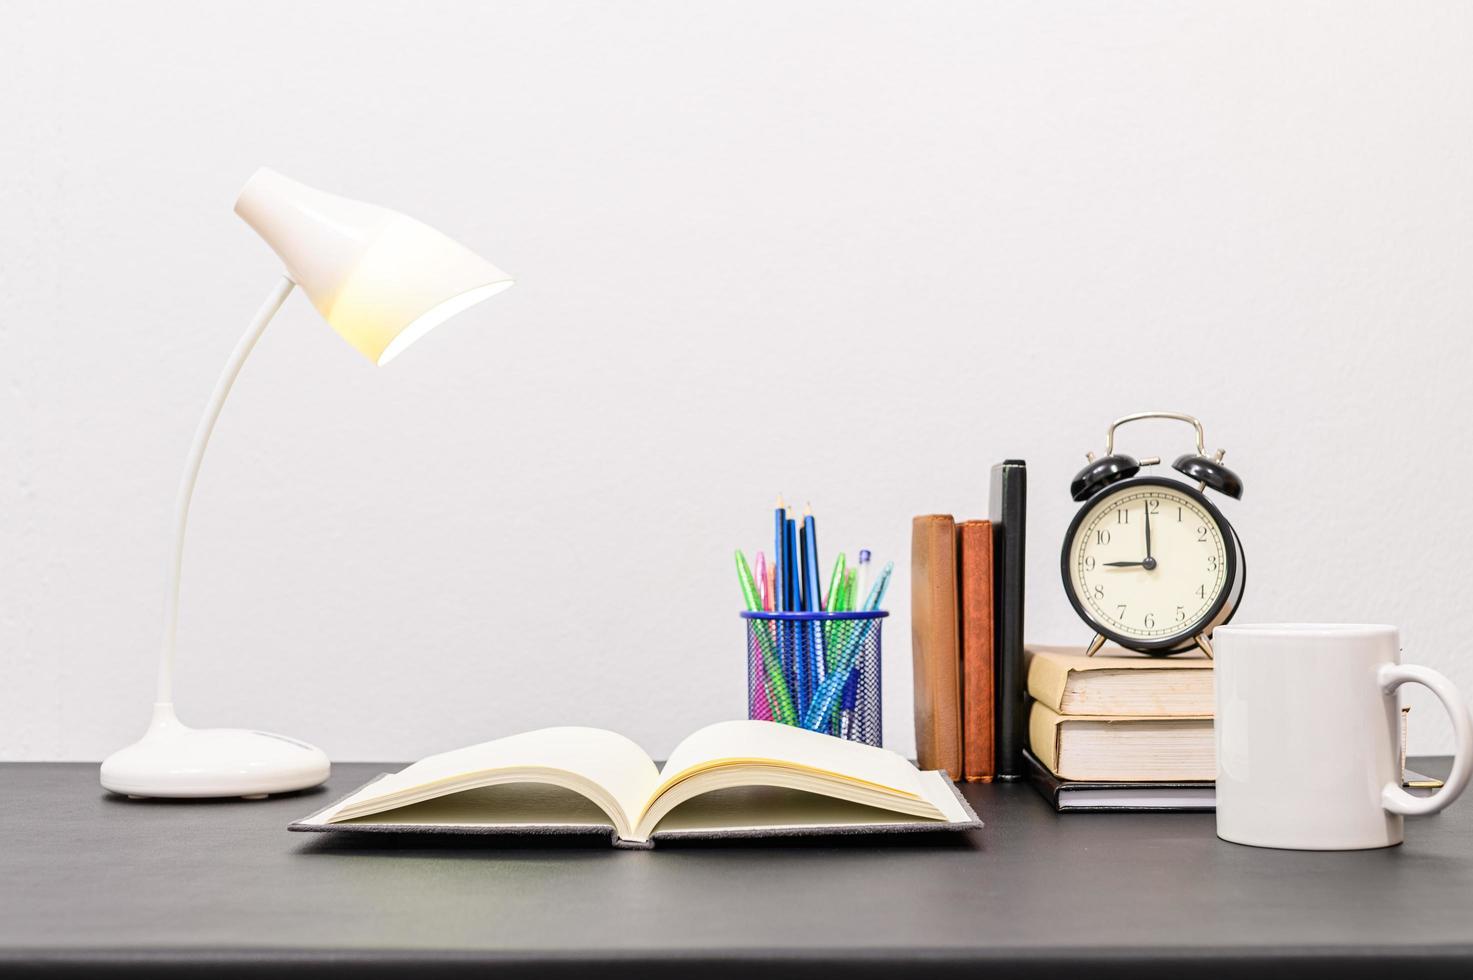 livros e artigos de papelaria na mesa foto